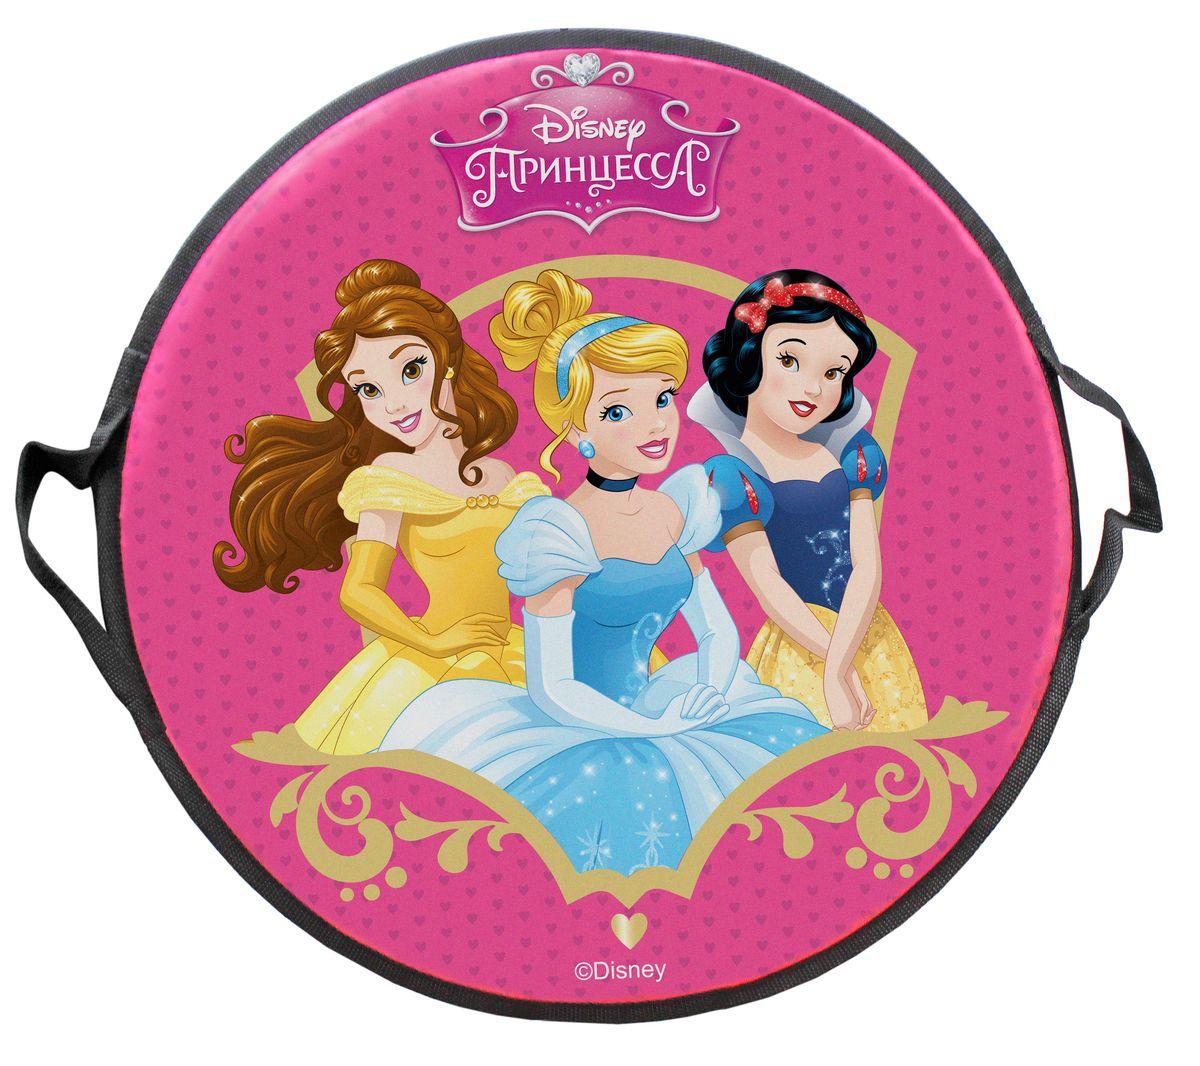 DISNEY Принцесса Ледянка круглая Disney Принцессы 52 смТ58174Ледянка Disney Принцессы станет прекрасным подарком. Изделие предназначено катания с горок и идеально подойдет для девочек. Ледянка развивает на спуске хорошую скорость. Плотные ручки, расположенные по краям изделия помогут не упасть.